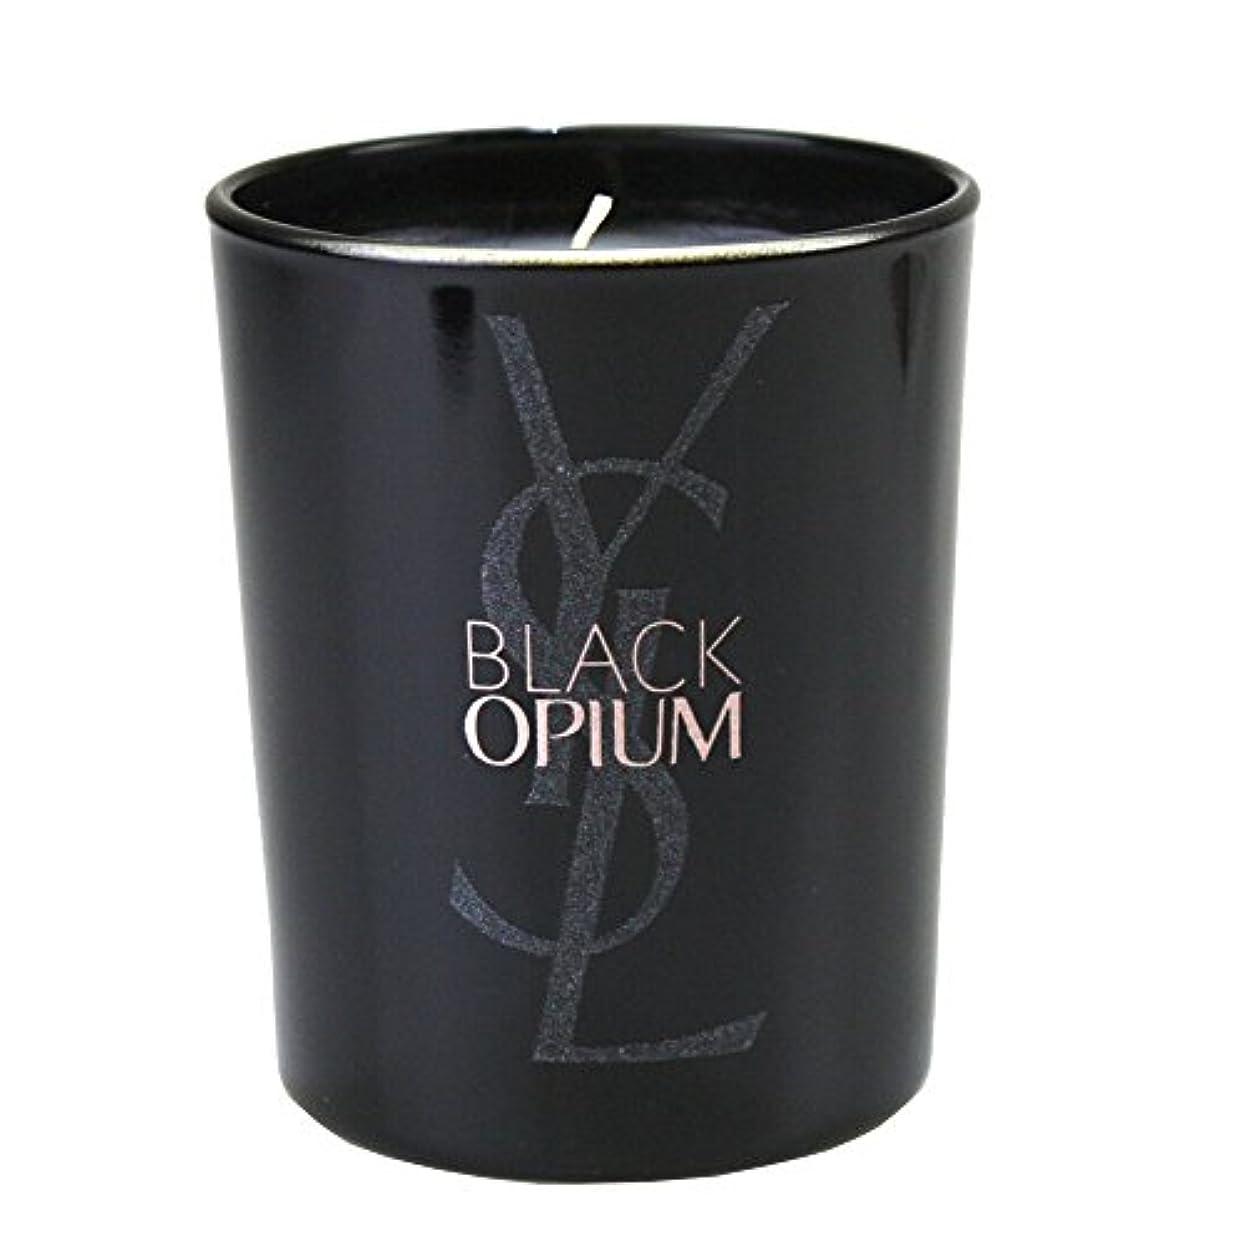 静かな脅かす圧倒する(イヴ サンローラン) Yves saint Laurent アロマキャンドル パリジェンヌ BLACK OPIUM 化粧 メイク コスメ ロゴ 黒 ブラック フルーティー フローラル コーヒー ジャスミンティーペタル